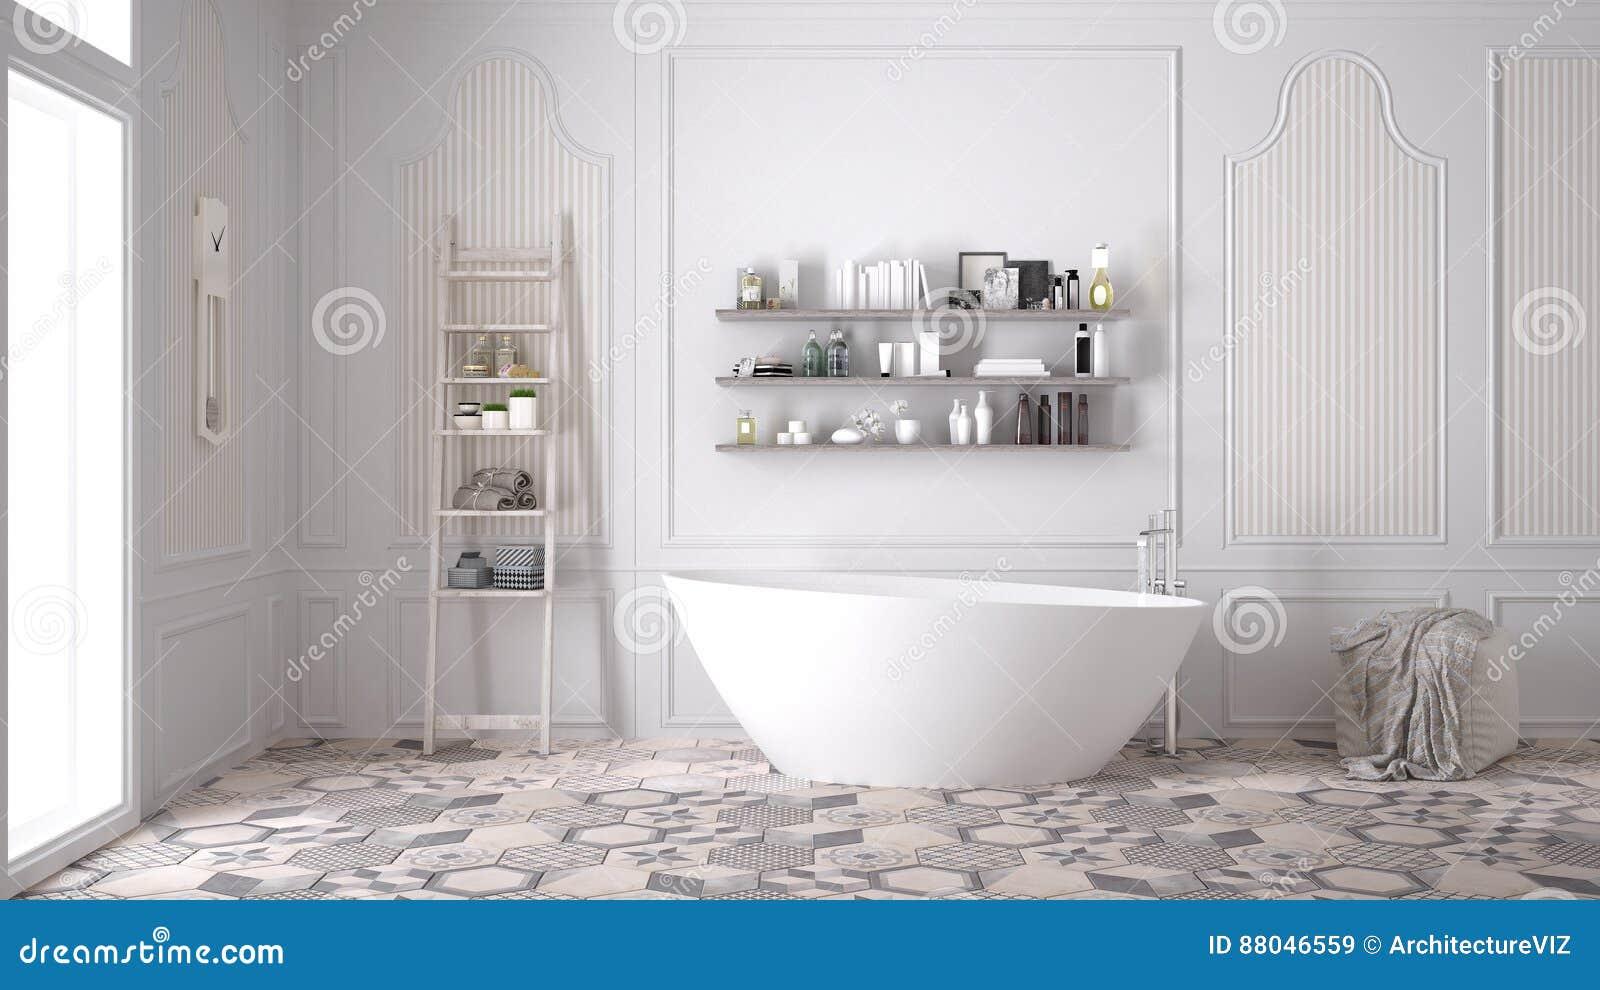 斯堪的纳维亚卫生间,经典白色葡萄酒室内设计